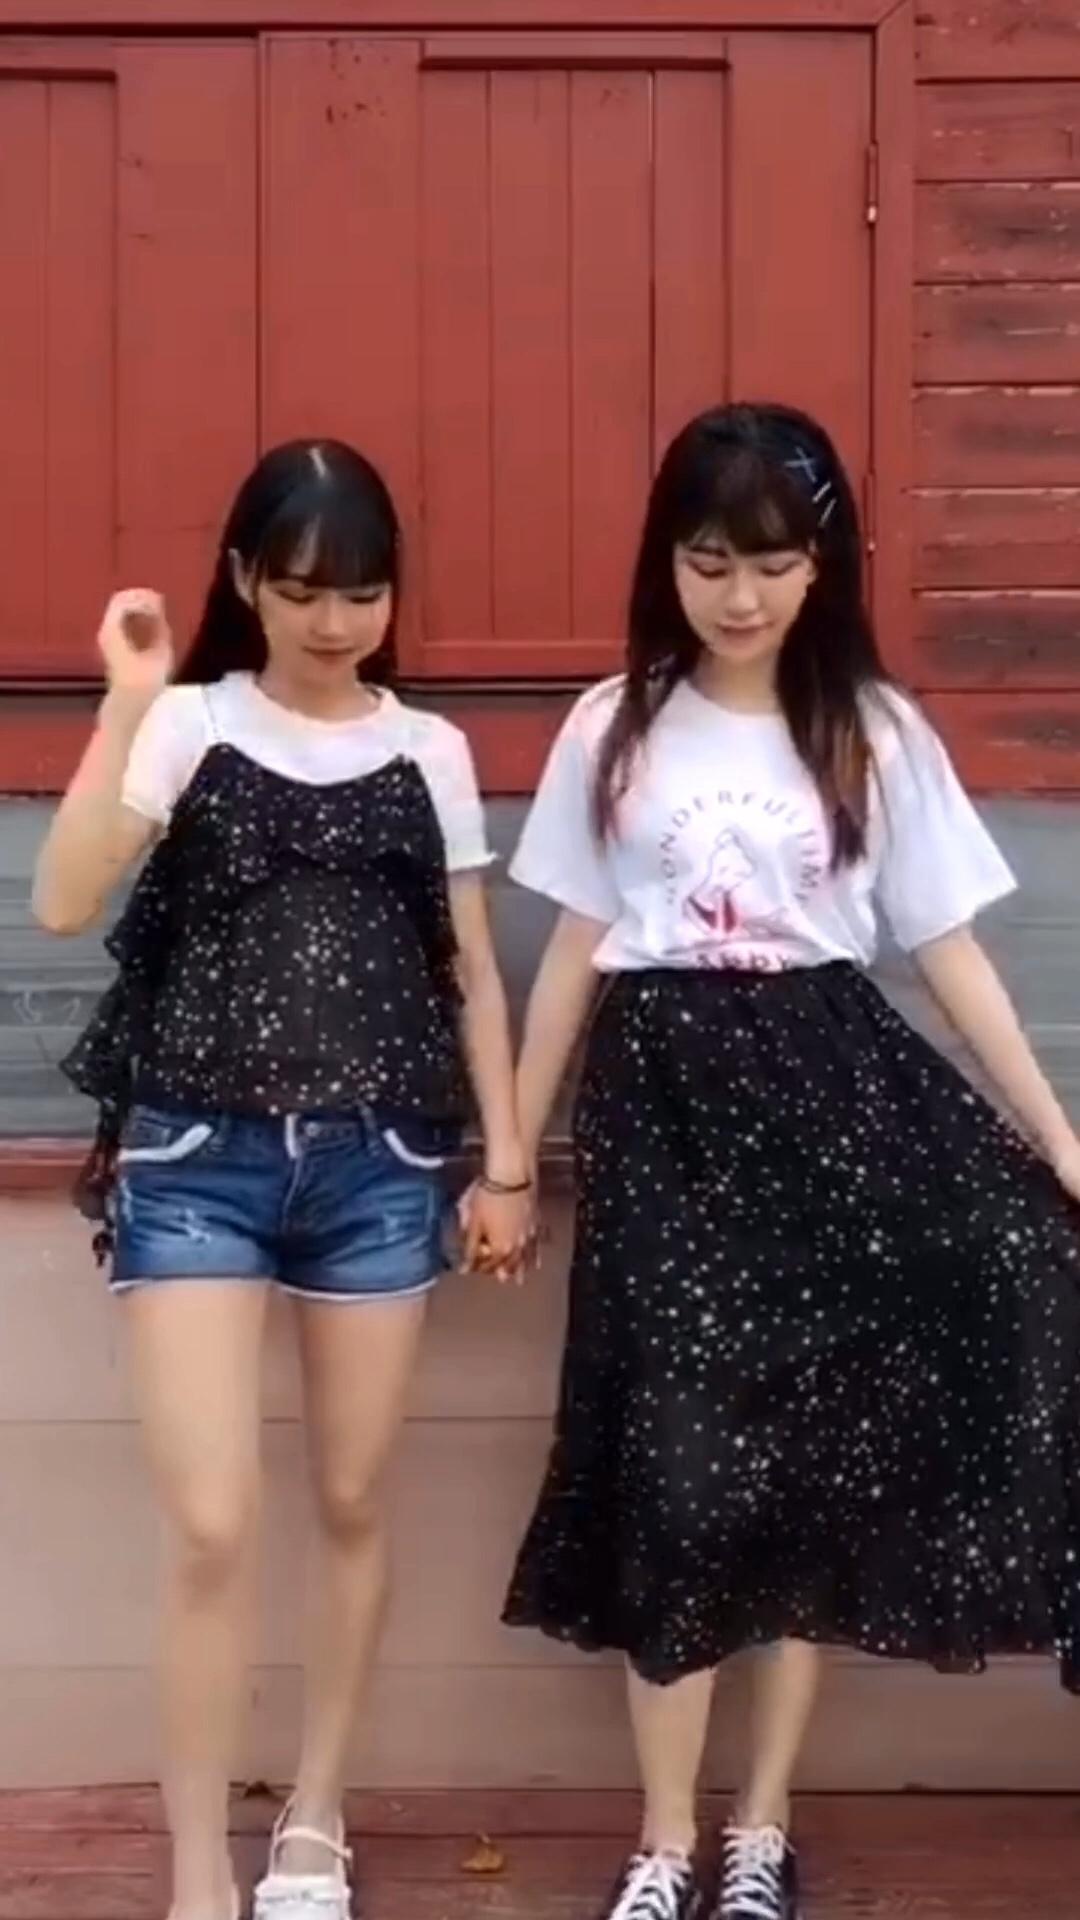 #158小个子友好短上衣!#小个子女孩子果然穿短上衣就能显高呢~谁能看出我旁边的她小小只呢~星空一样的飘逸裙子